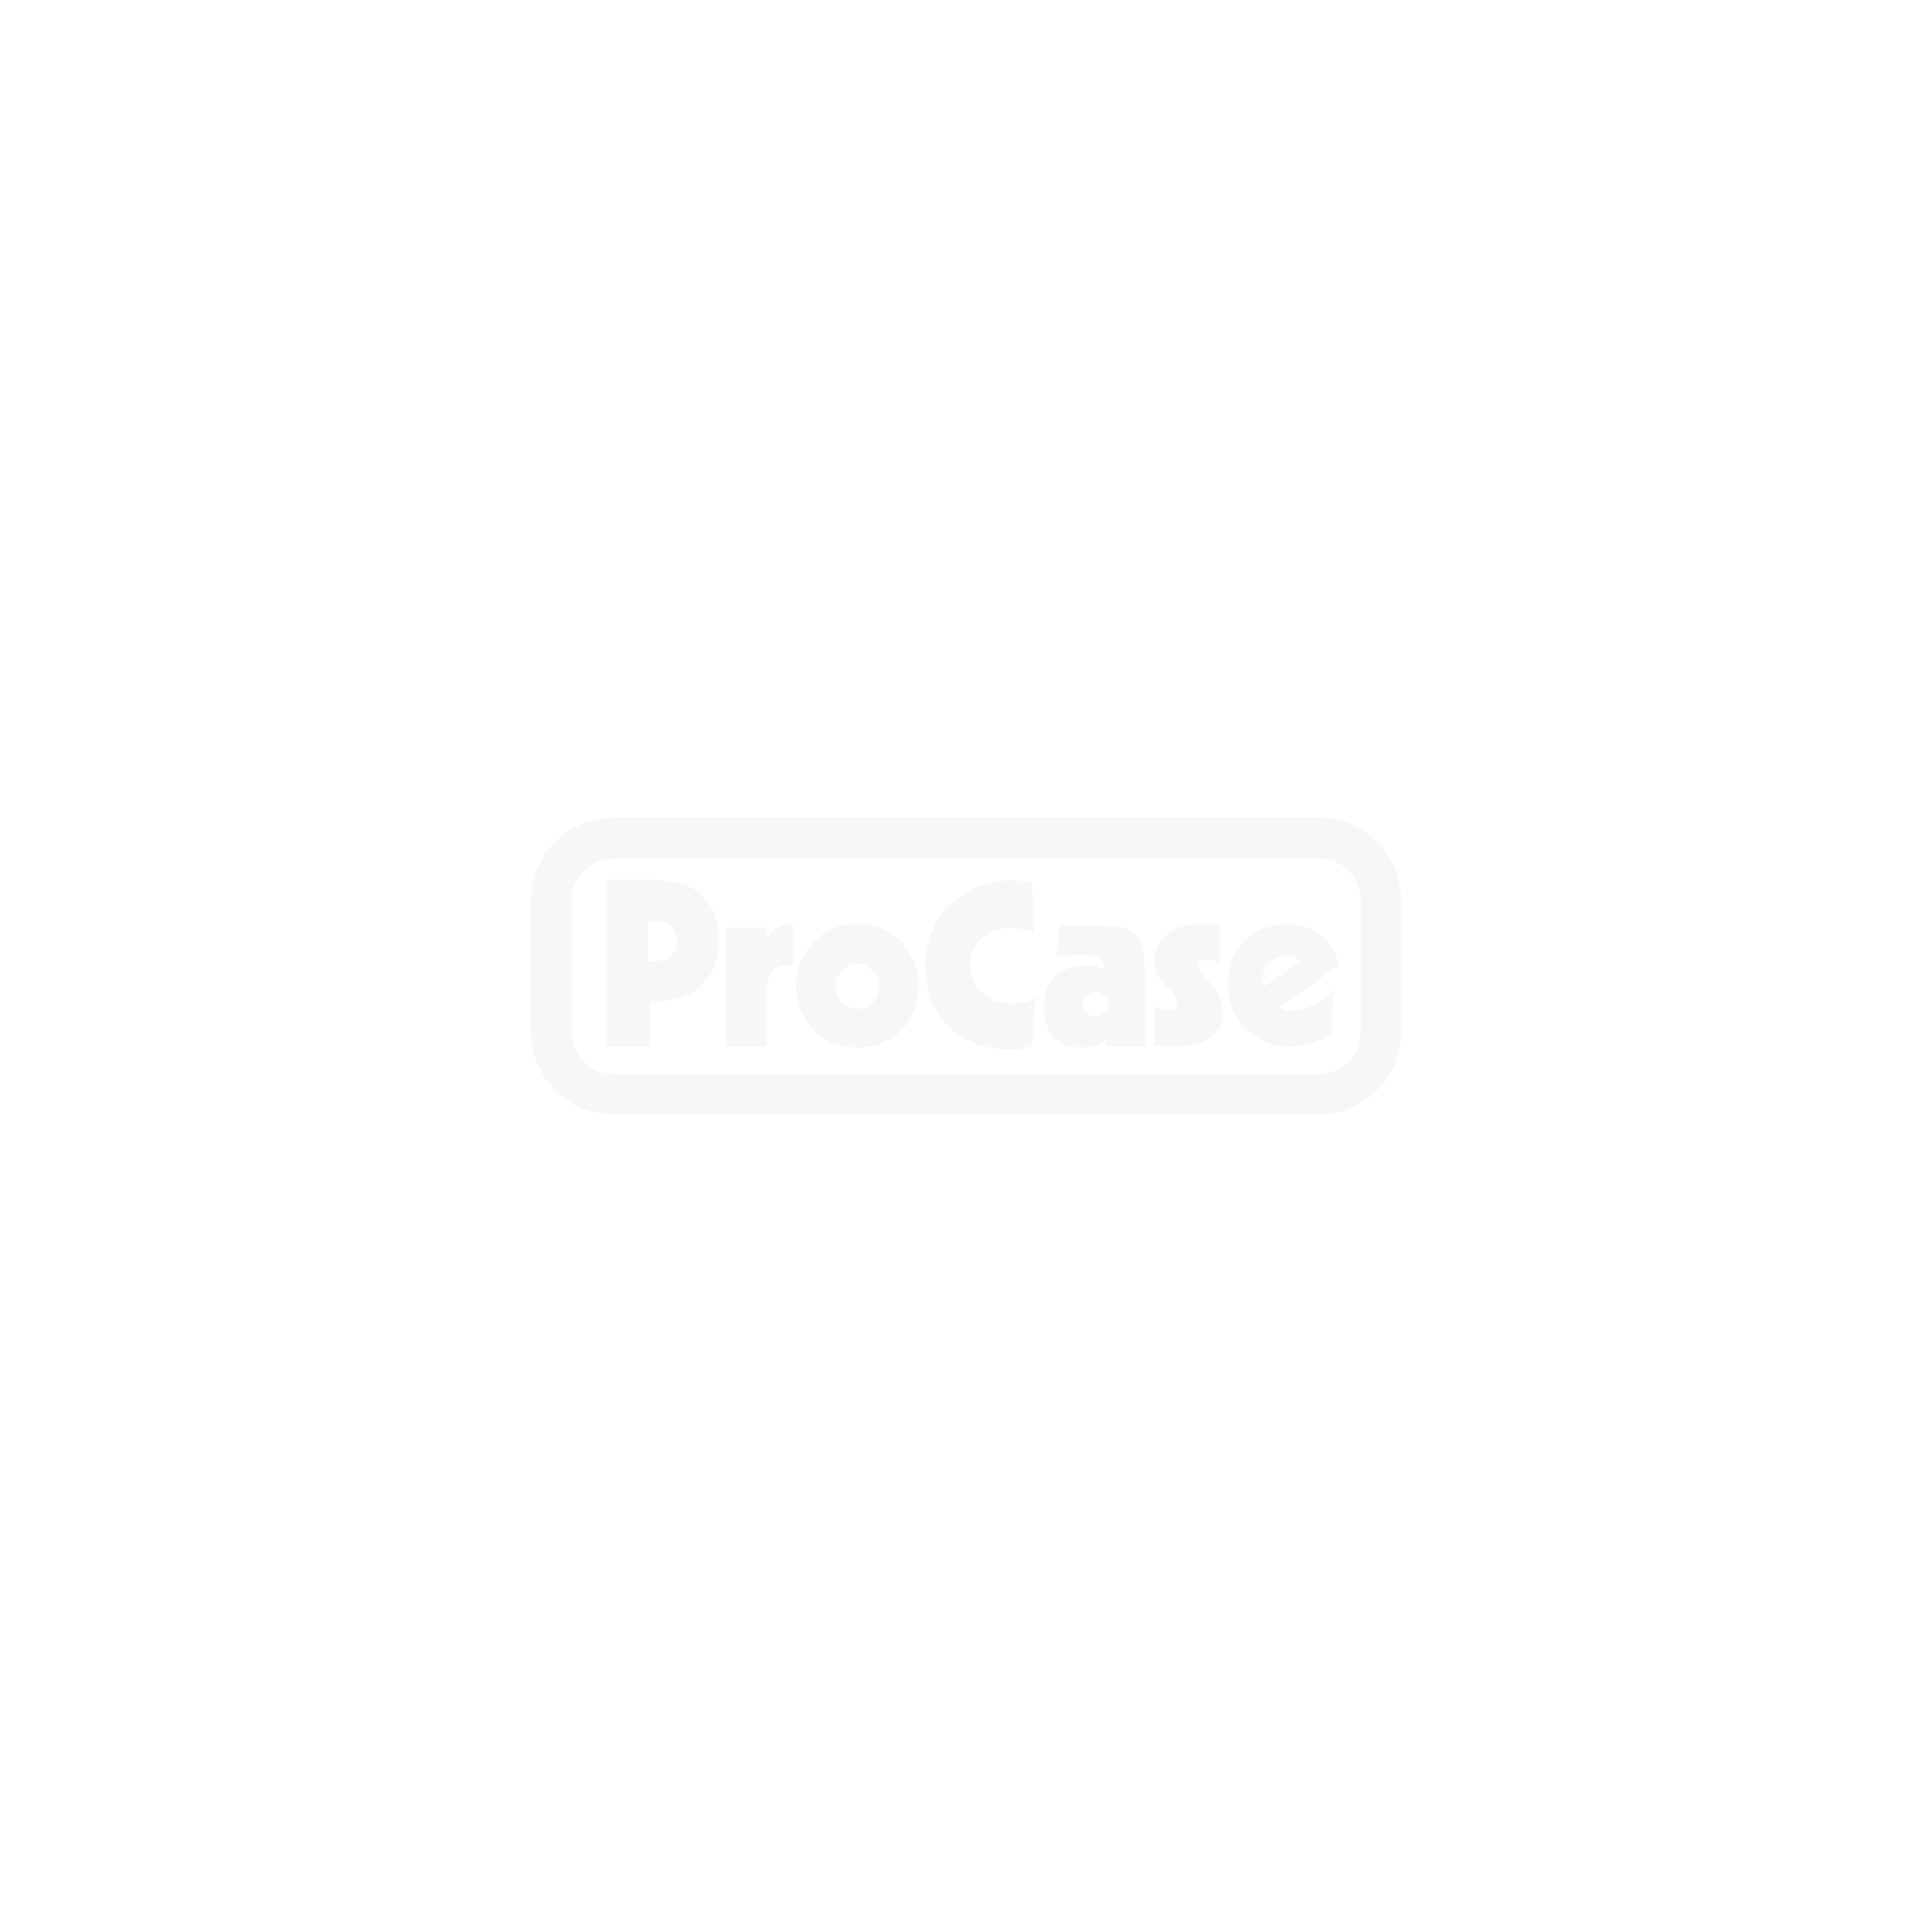 Transportkoffer für Fujinon XA77x 9.5 - Digipower 77 (1x) 2